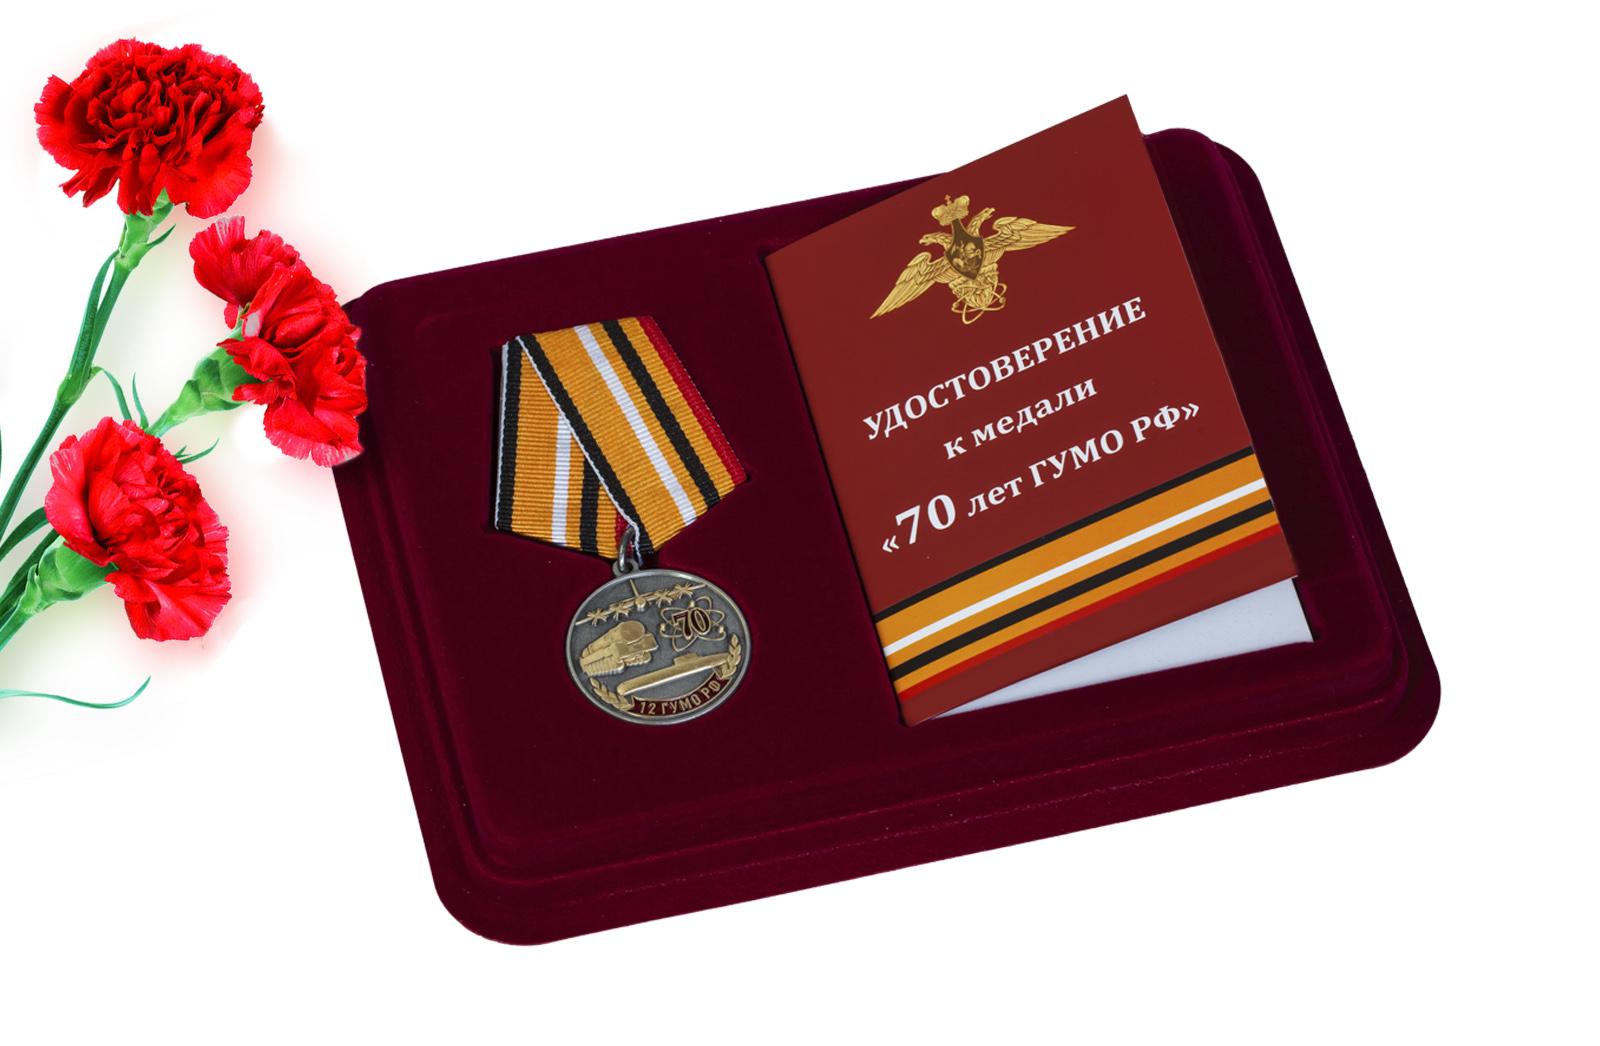 Купить медаль 70 лет 12 ГУМО России онлайн выгодно